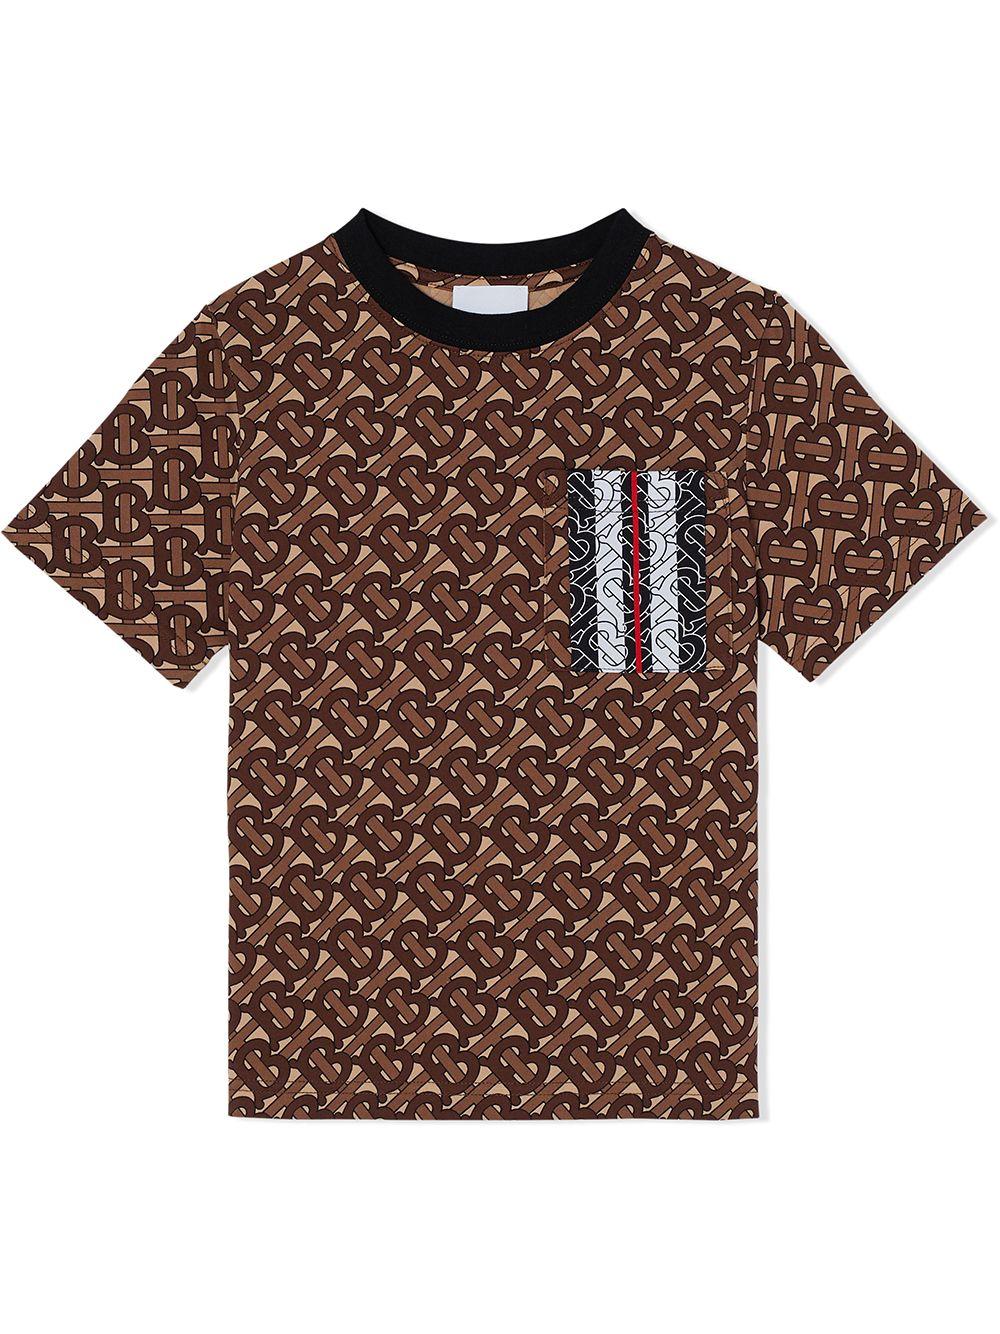 T-SHIRT FANTASIA BURBERRY KIDS | T-shirt | 8031826A7436#